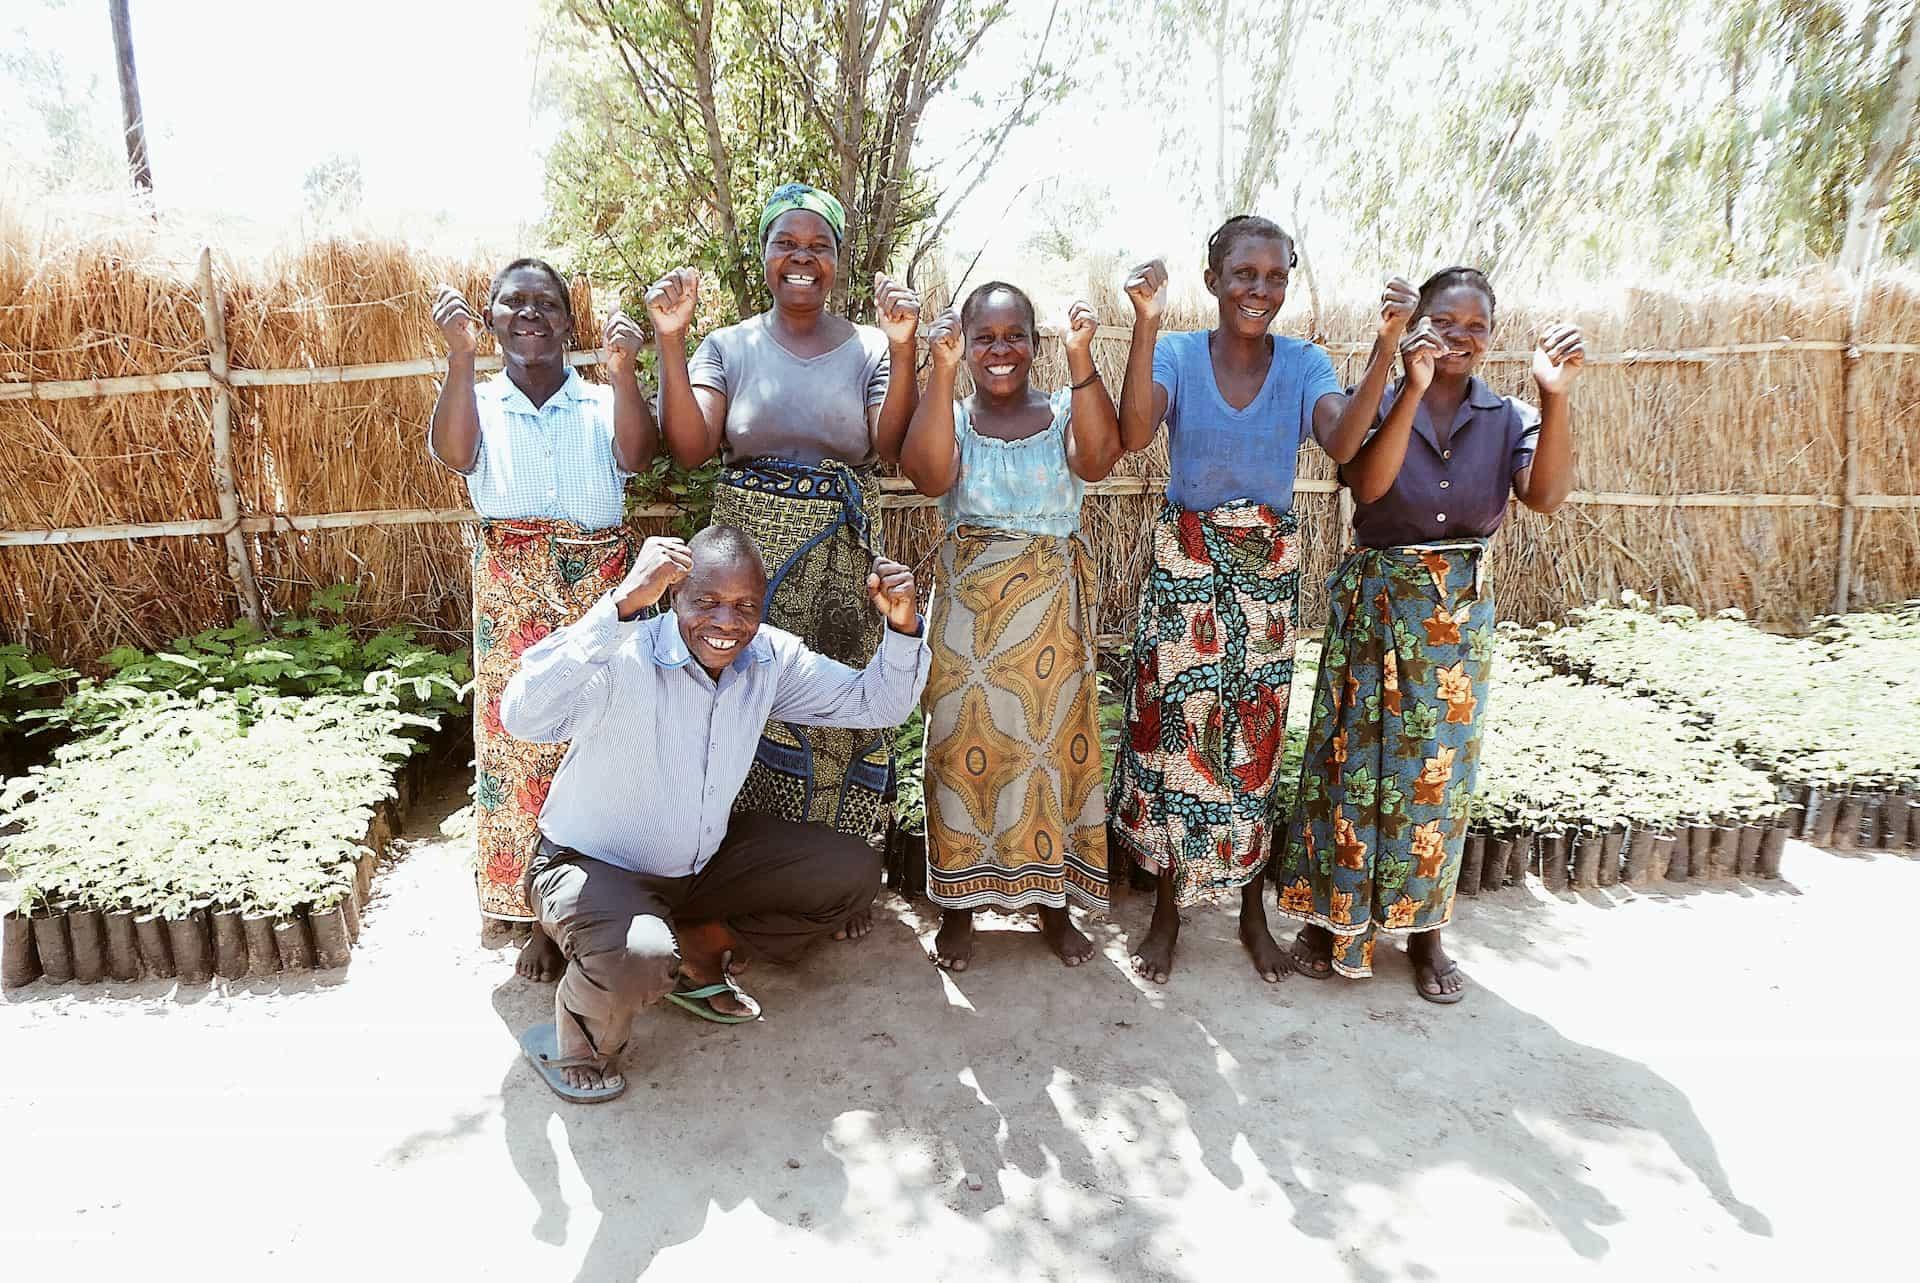 sex stycken ripple arbetare står framför krukor med växter och håller håller upp händerna i en segerviss gest.